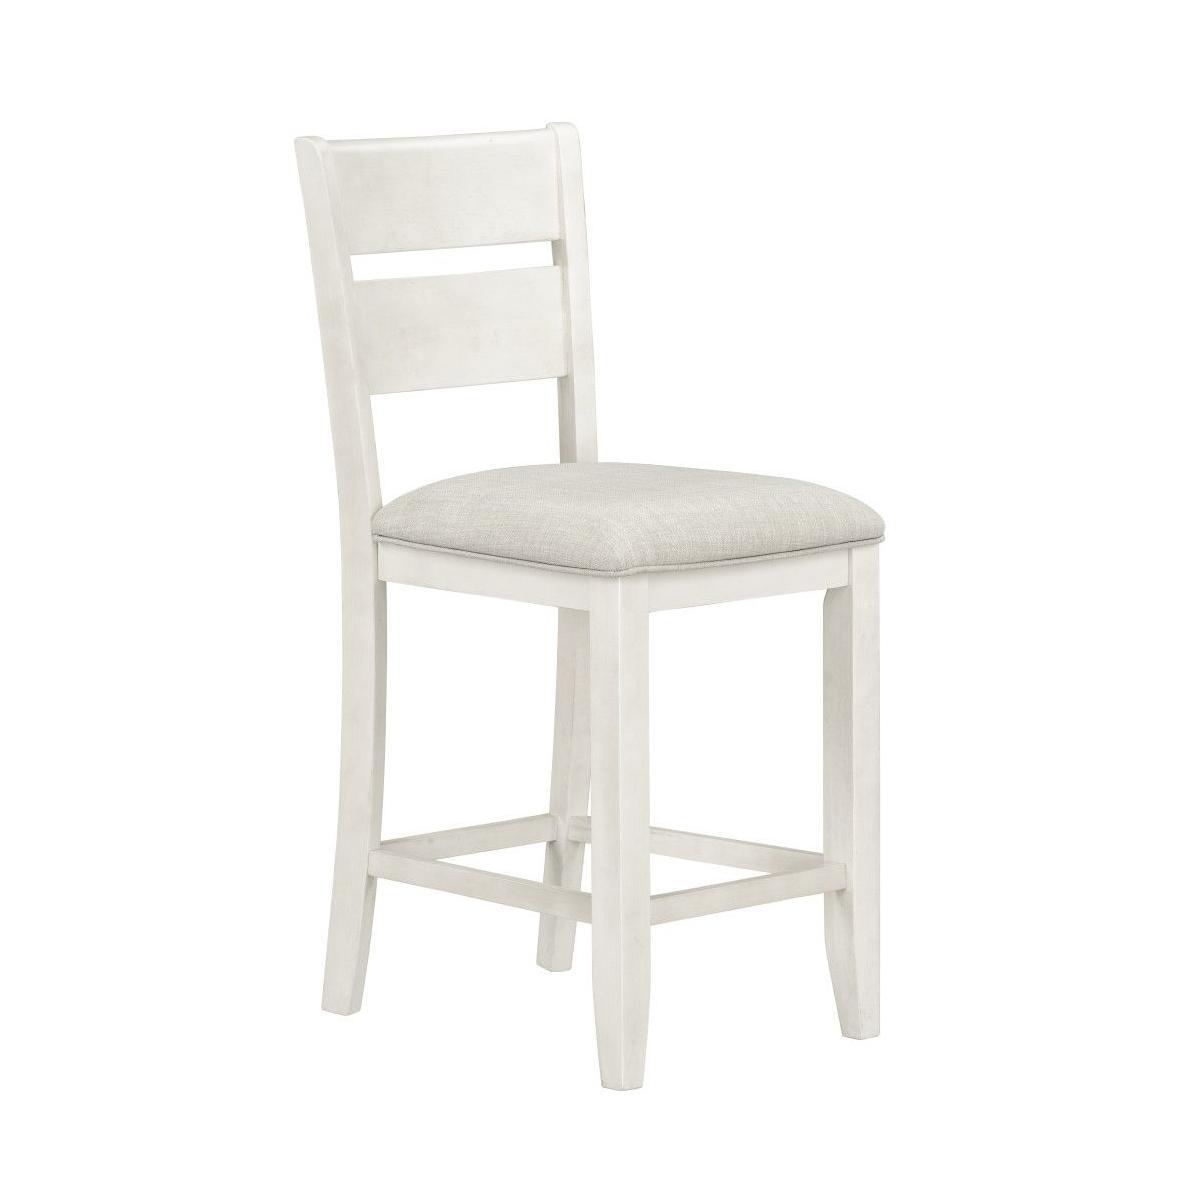 Kyle Light 2-Pack Counter Height Upholstered Barstool, White